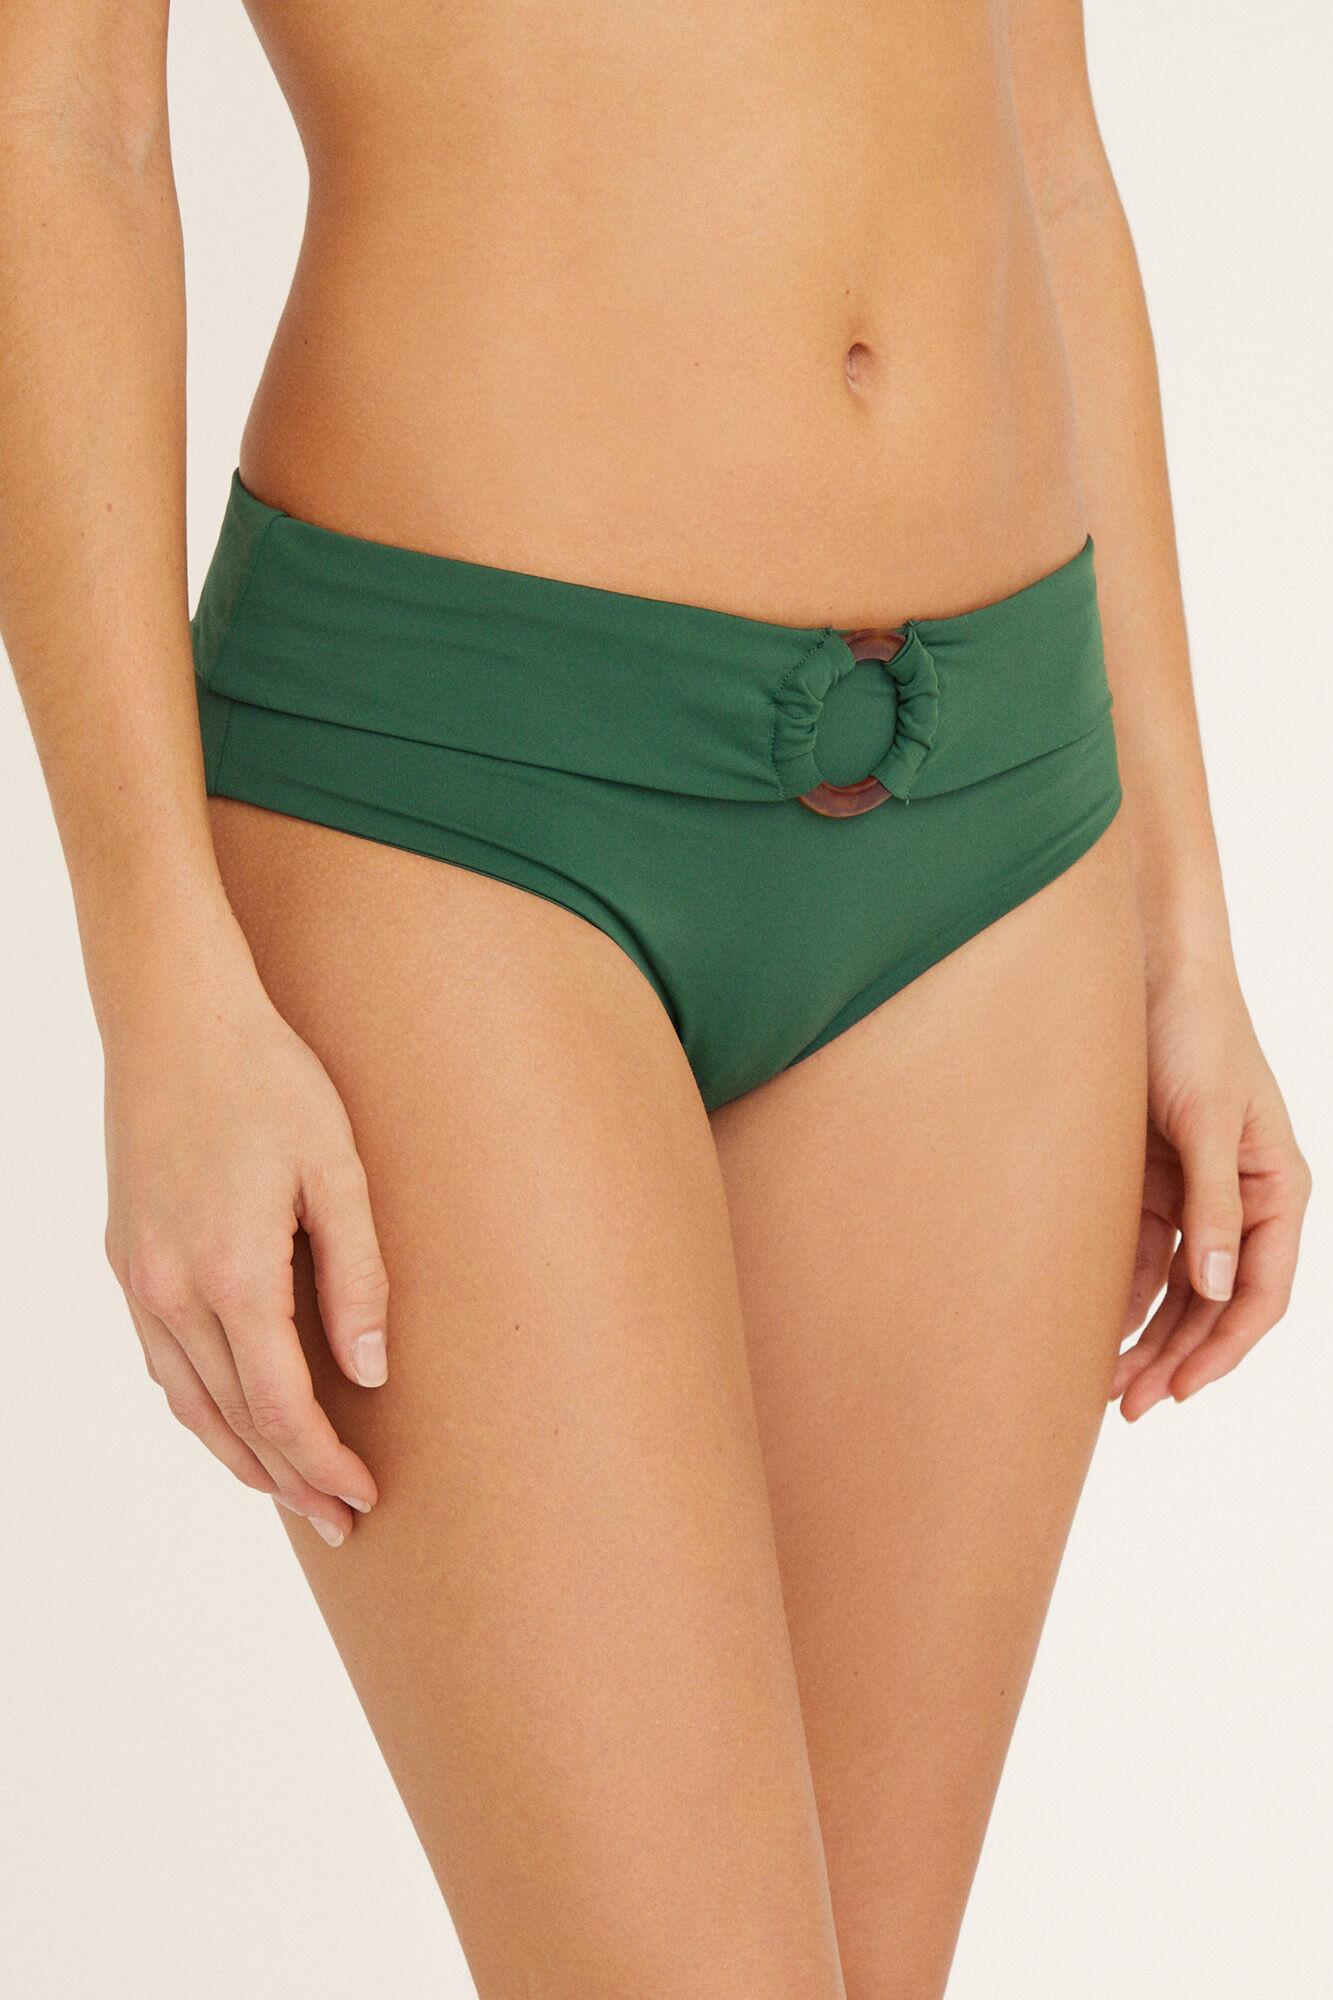 853bd4d5cc22 Braguita bikini culotte lisa